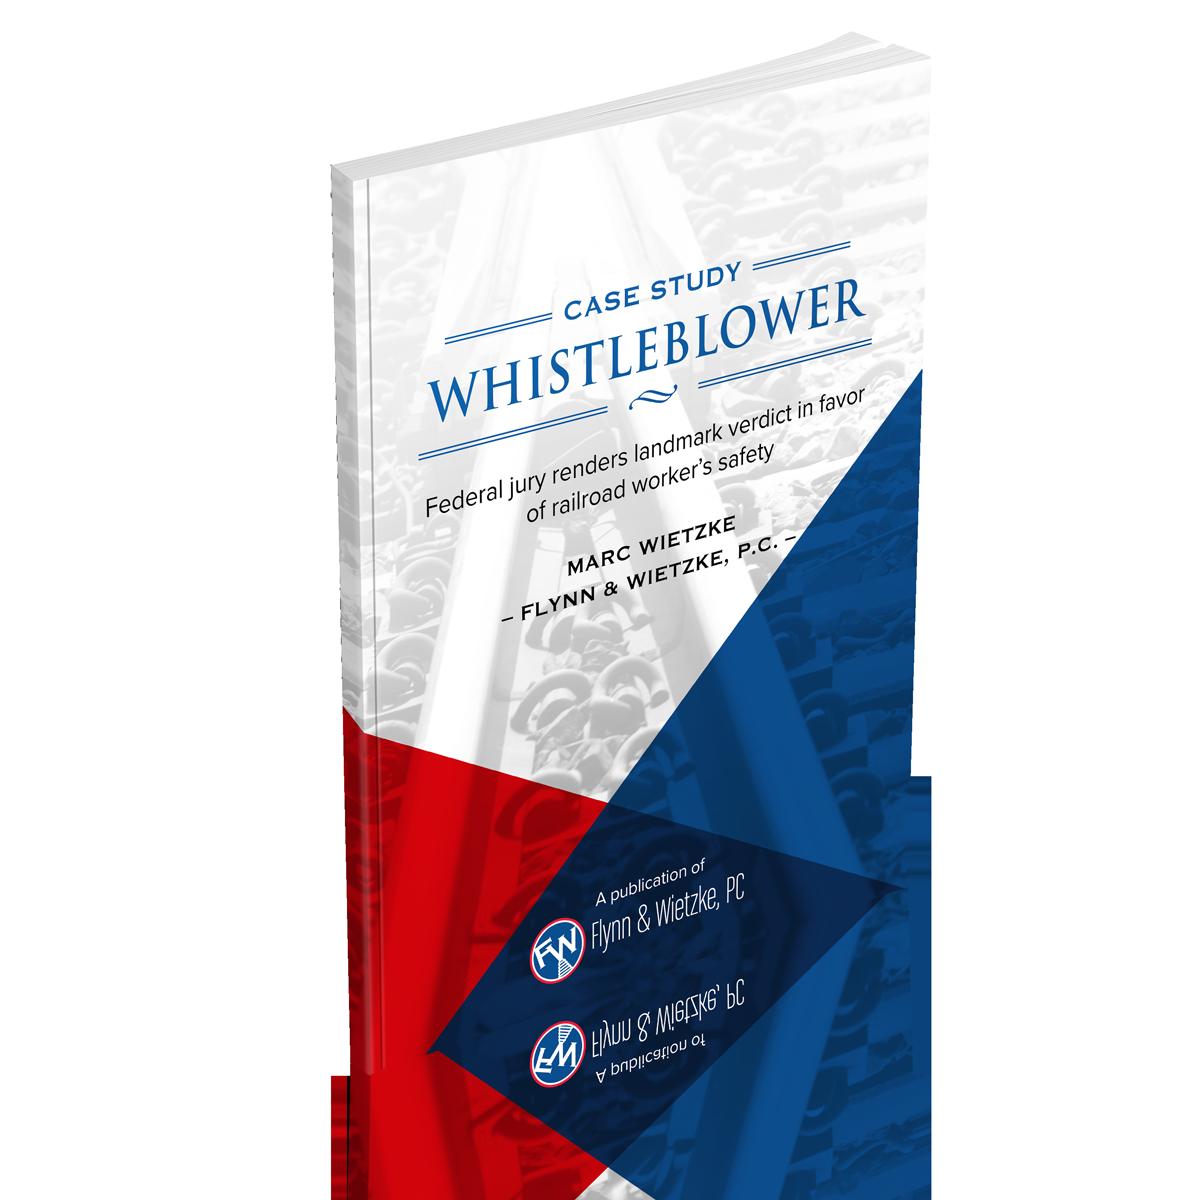 FELA-Whistleblower-Case-Study-Mockup.png